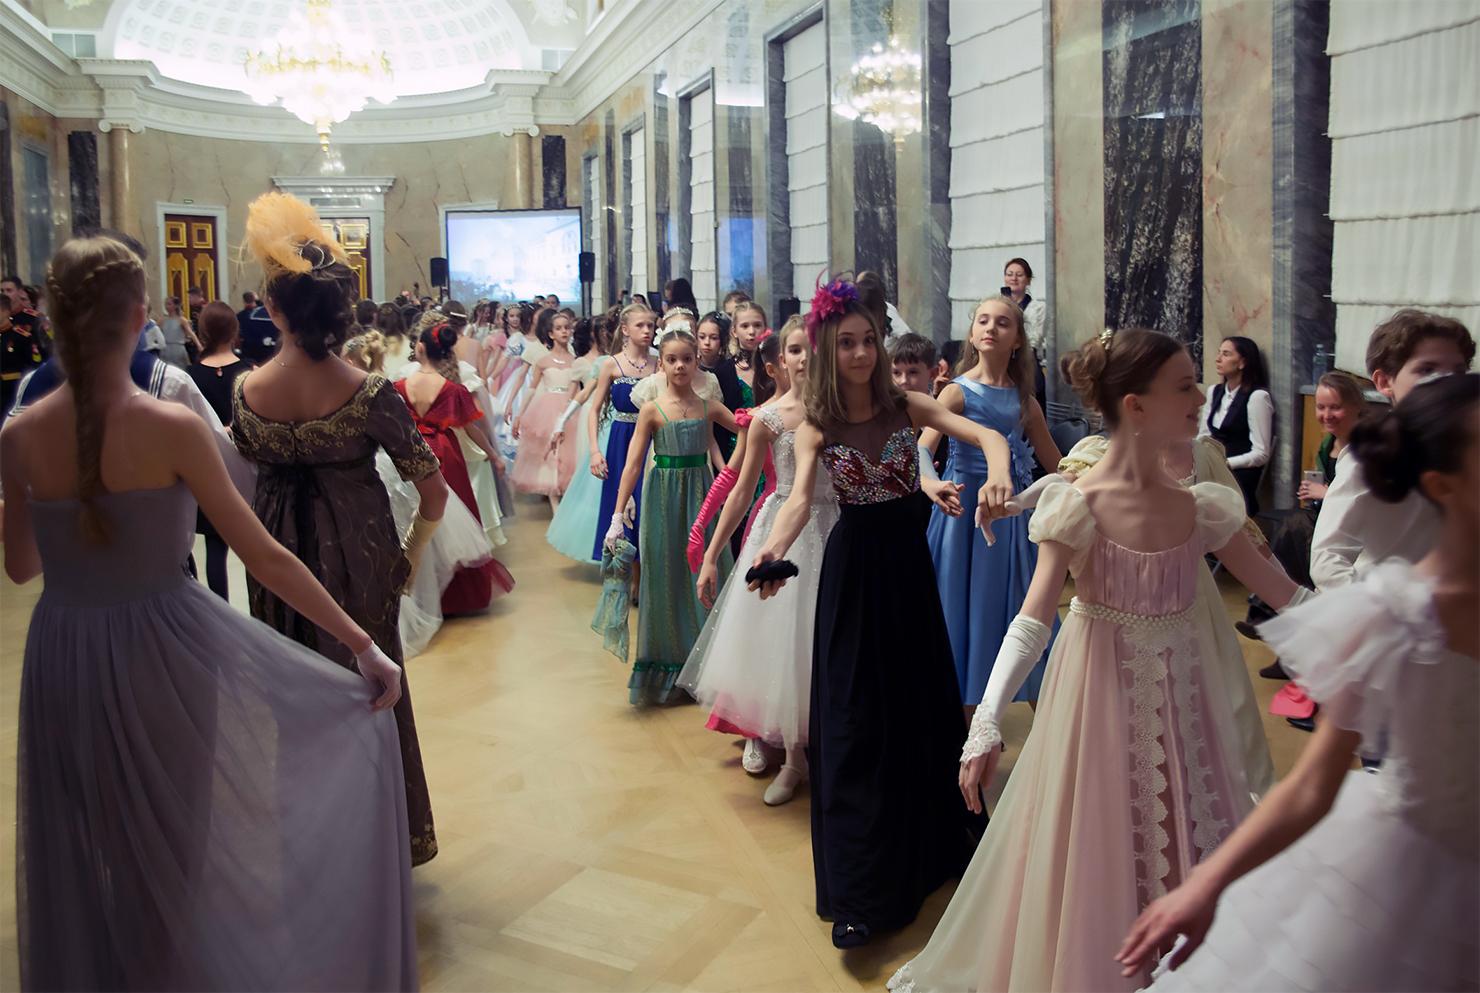 http://vaganovaacademy.ru/vaganova/news/photo/2016.12.27_Rozhdestv_bal/Zimniy_bal_5.jpg